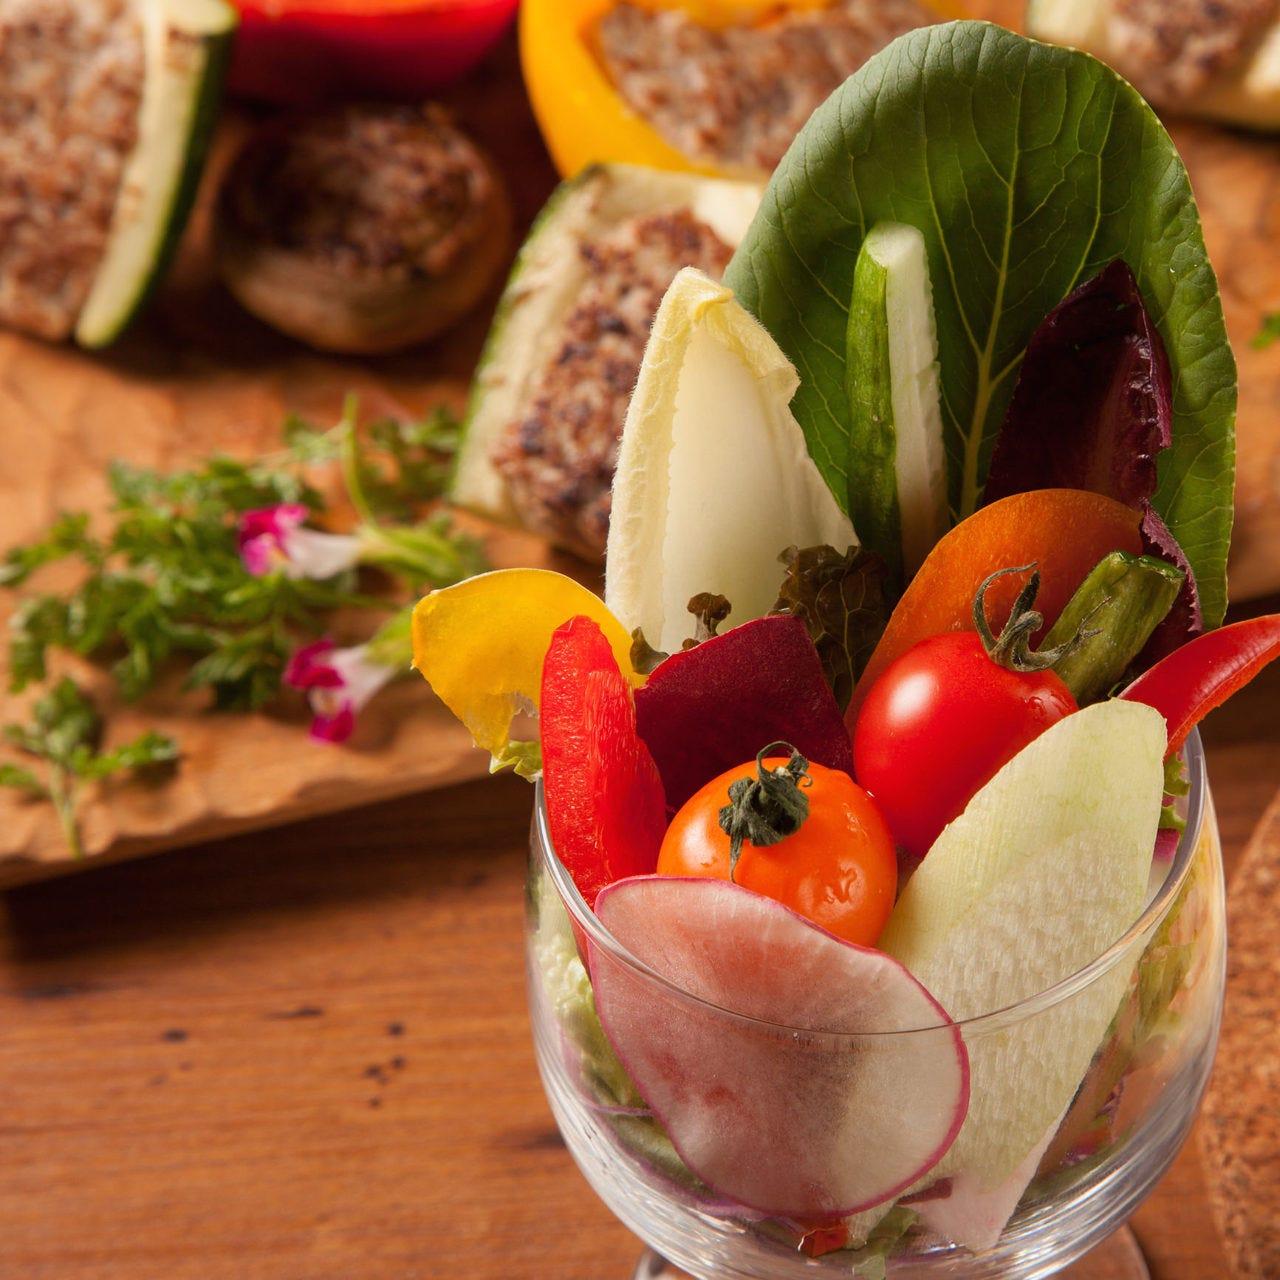 めずらしい厳選野菜がたくさん食べられるサラダコーナー♪